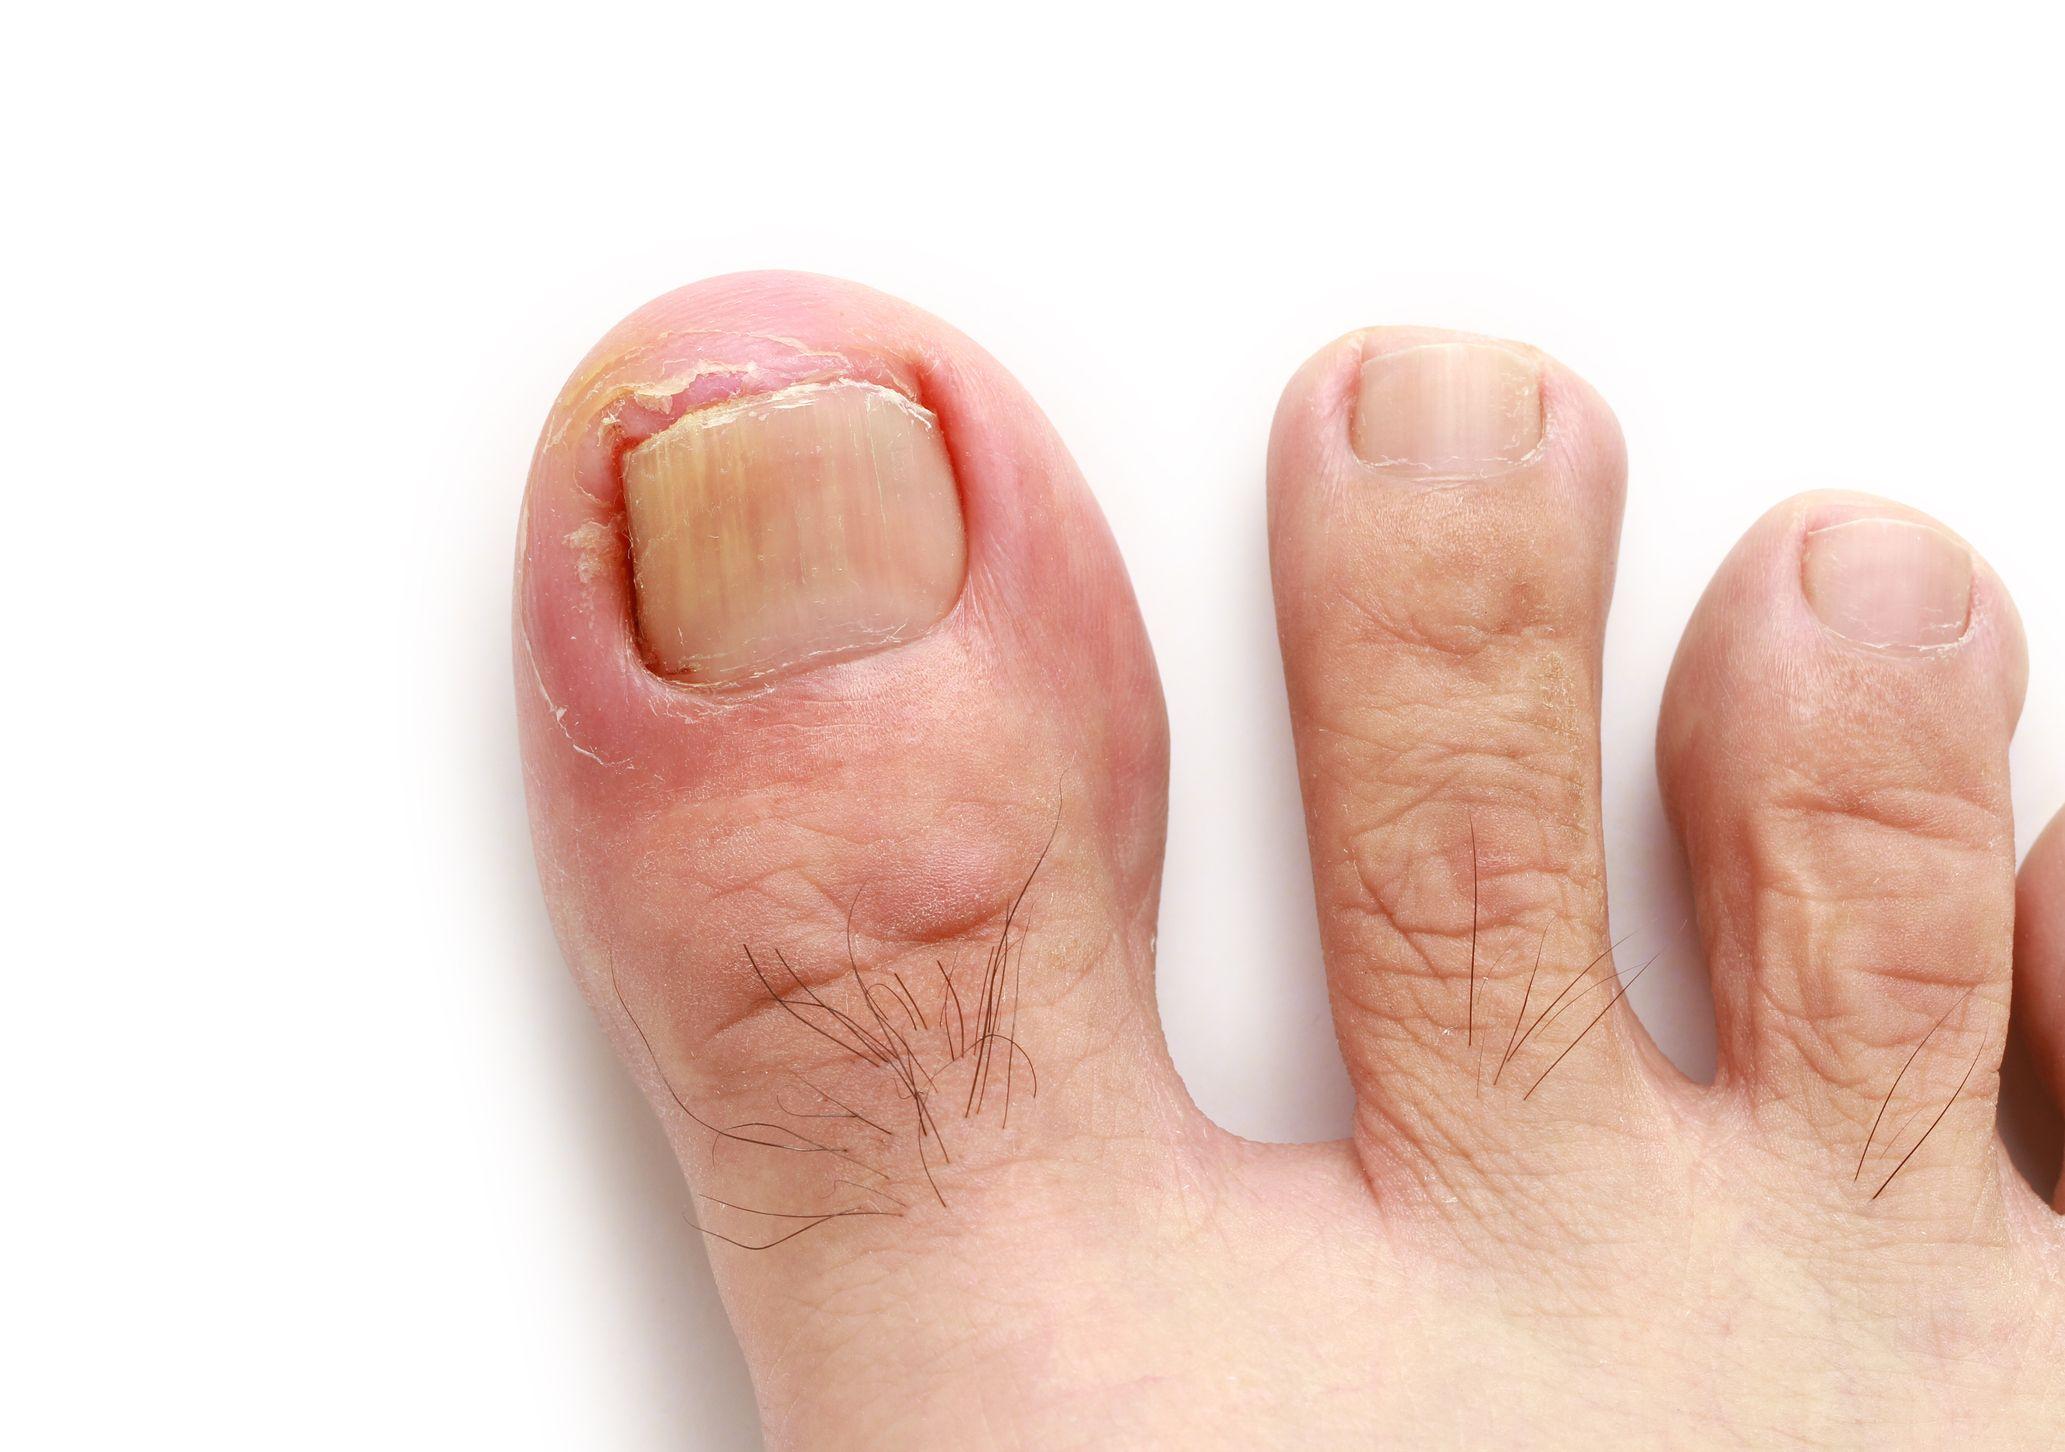 rid of ingrown toenail